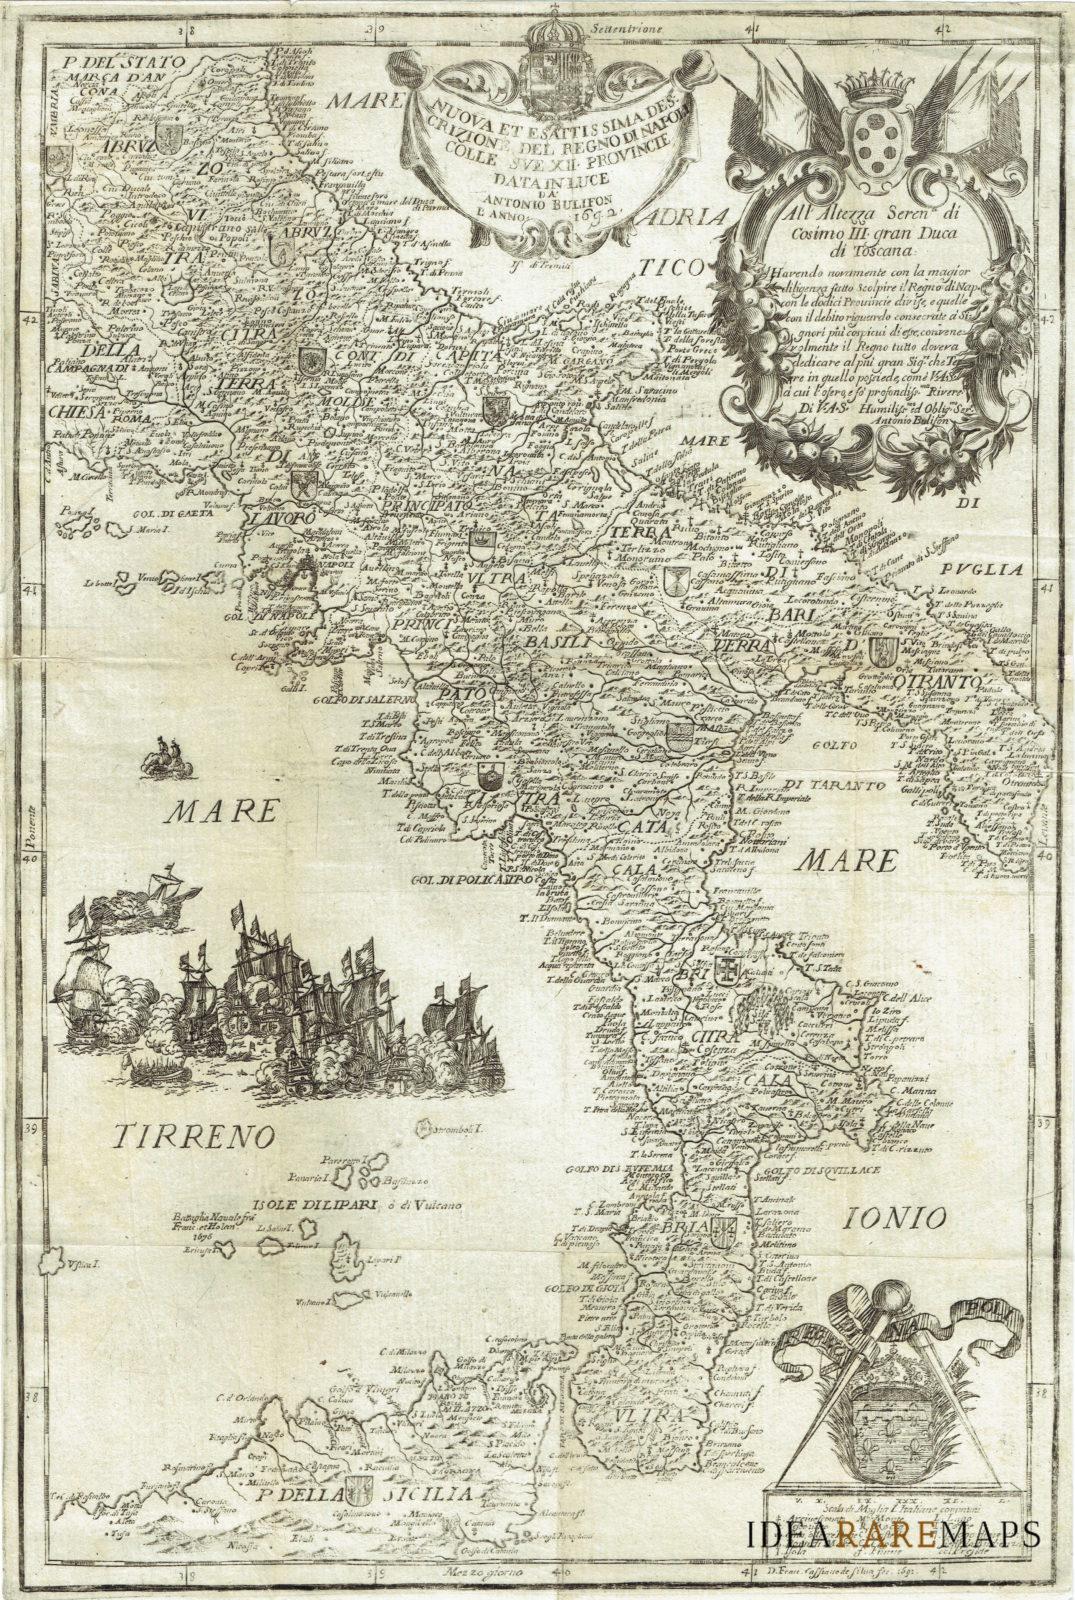 Cartina Geografica Italia Napoli.Antica Carta Geografica Del Regno Di Napoli A Bulifon Idea